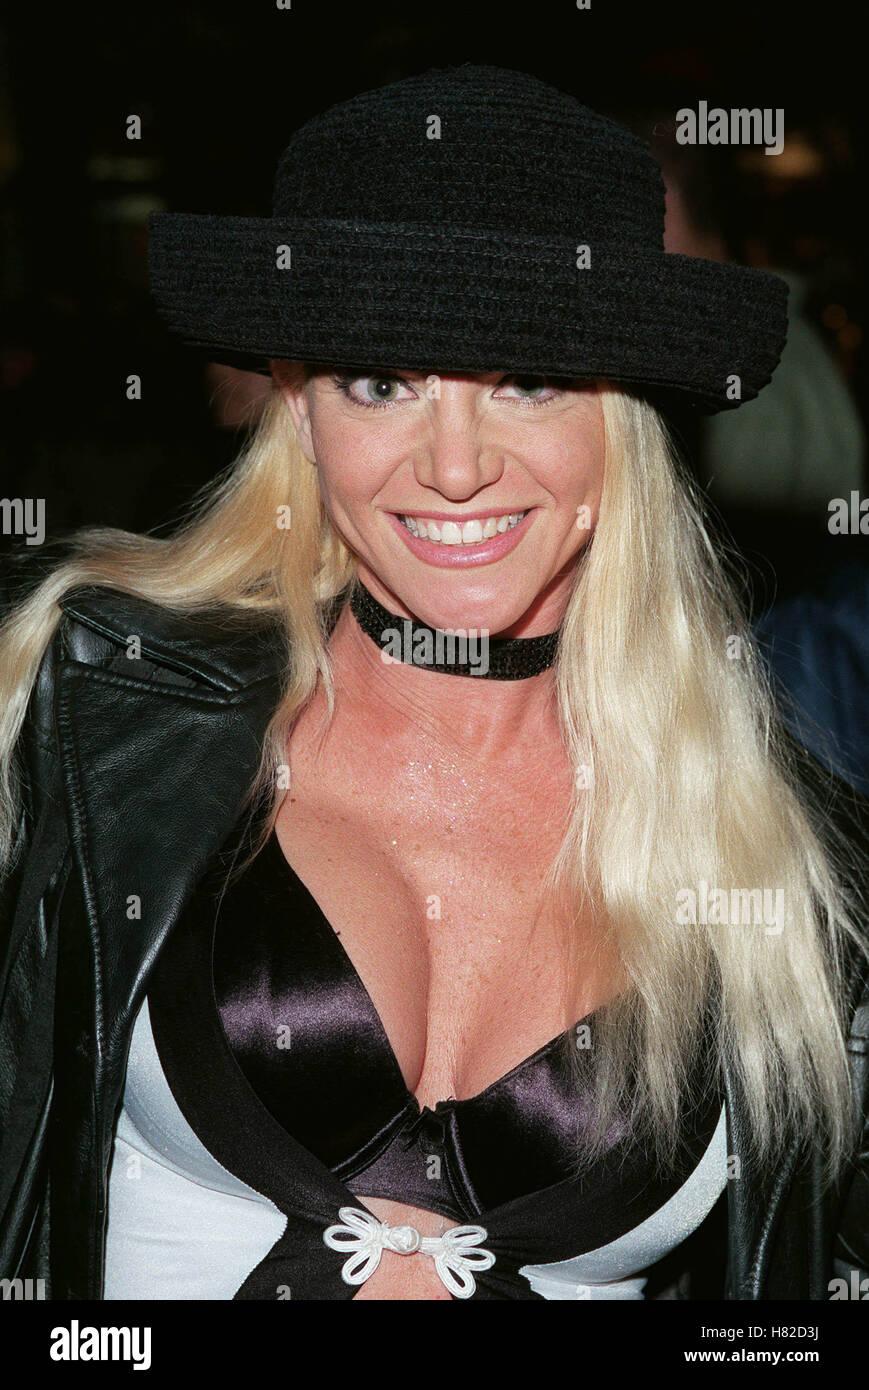 Julie Michaels images 51